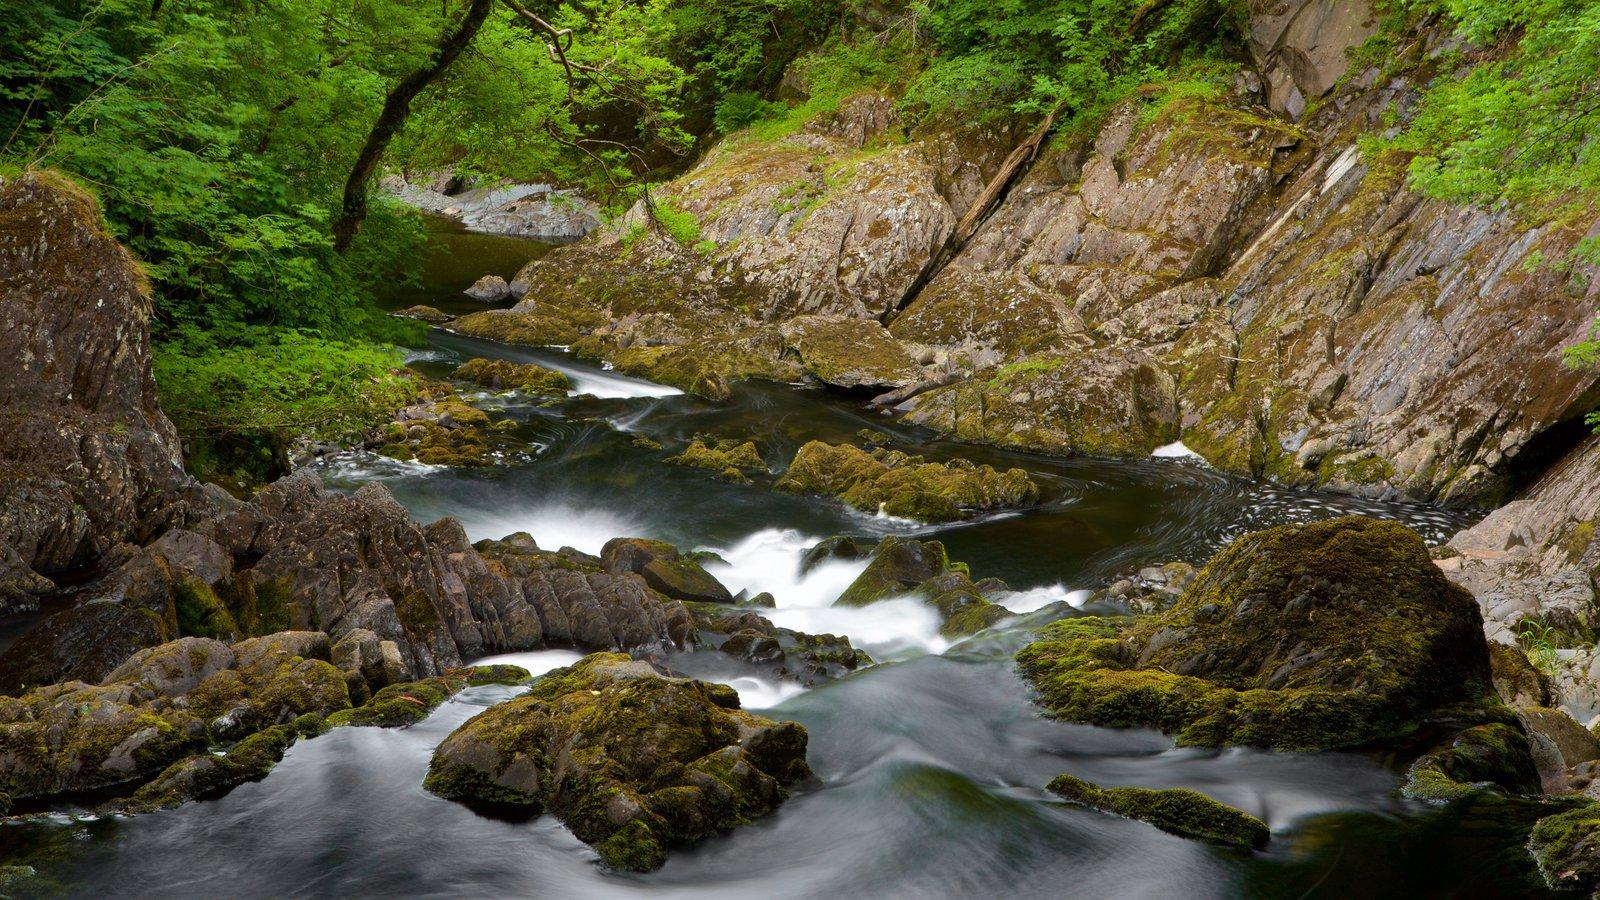 Swallow Falls que incluye un río o arroyo y rápidos